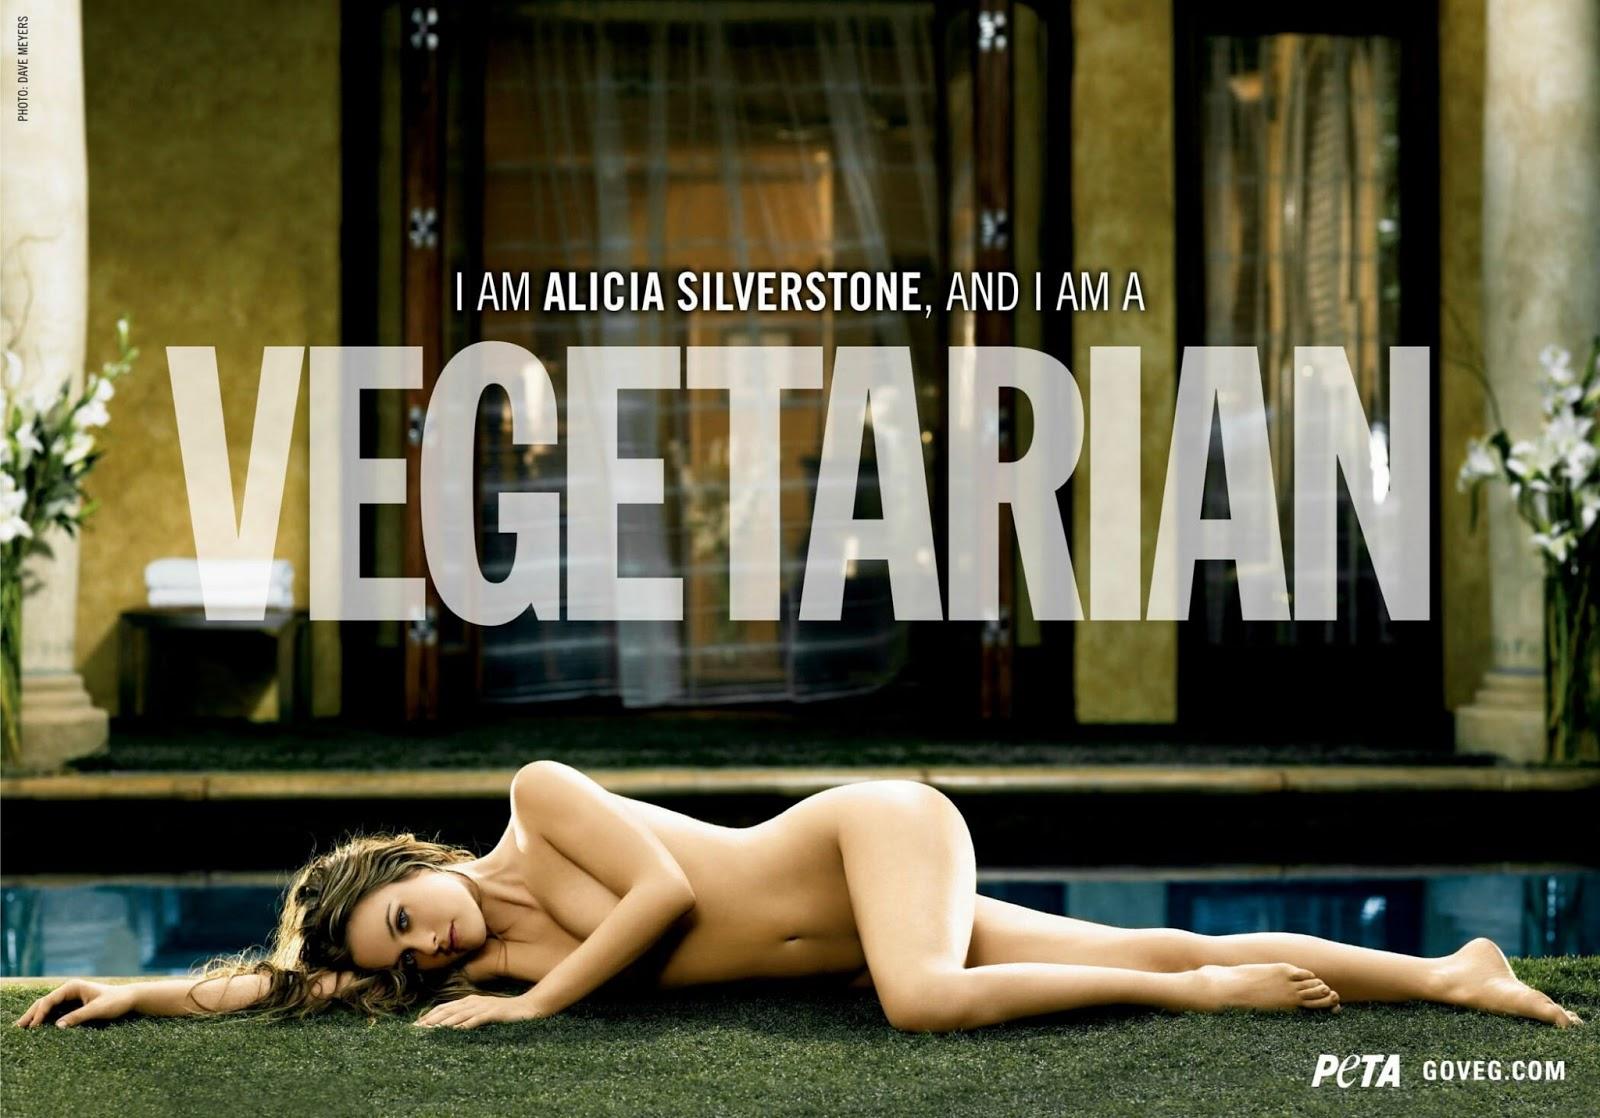 http://1.bp.blogspot.com/-vyRUtlaCSnk/UQwcbnbk00I/AAAAAAAAS-A/ifS7B5mi7Jc/s1600/Alicia_Silverstone_desnuda.jpg